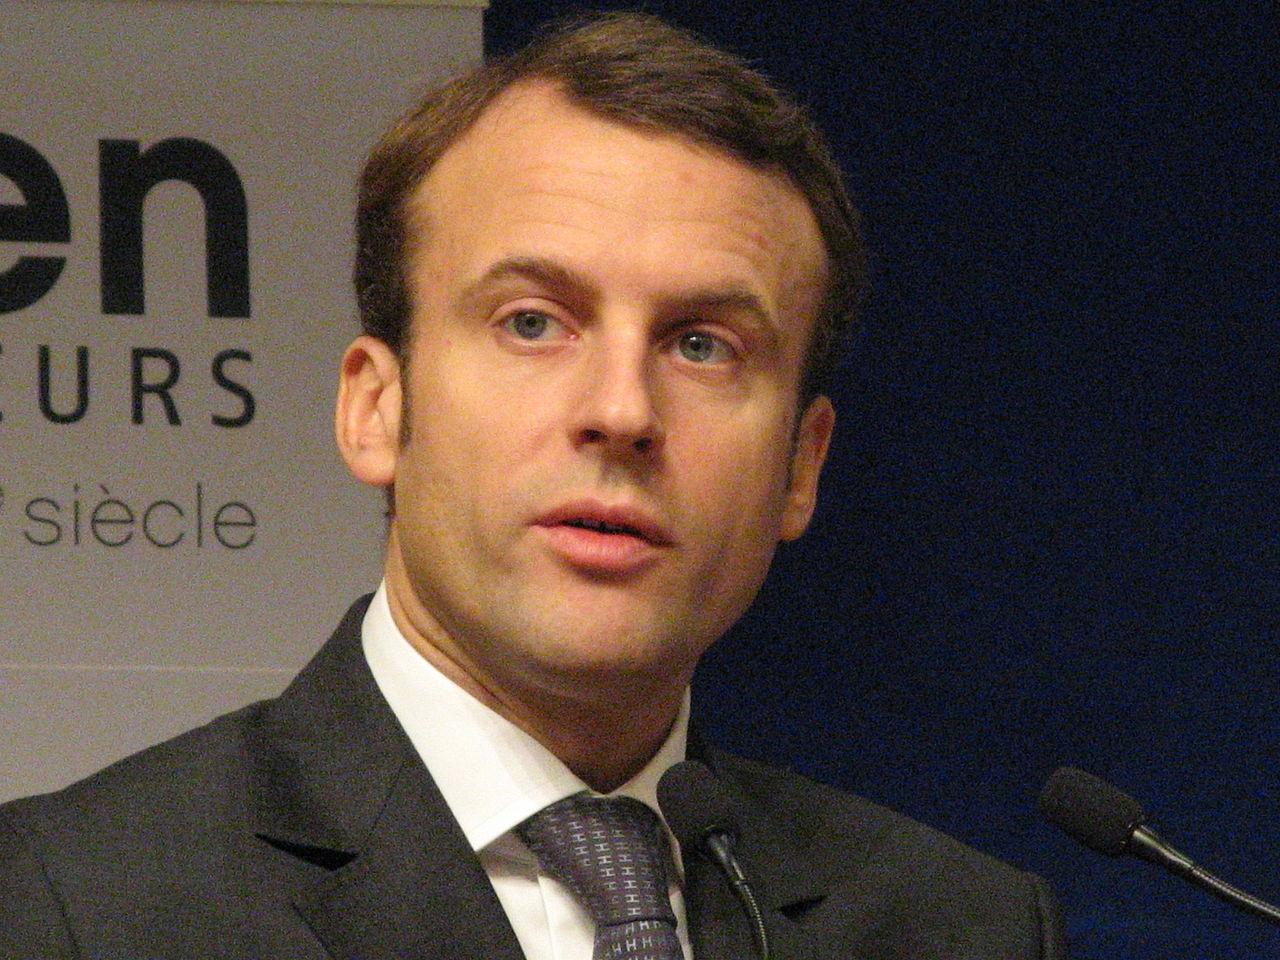 Centristický kandidát Emmanuel Macron